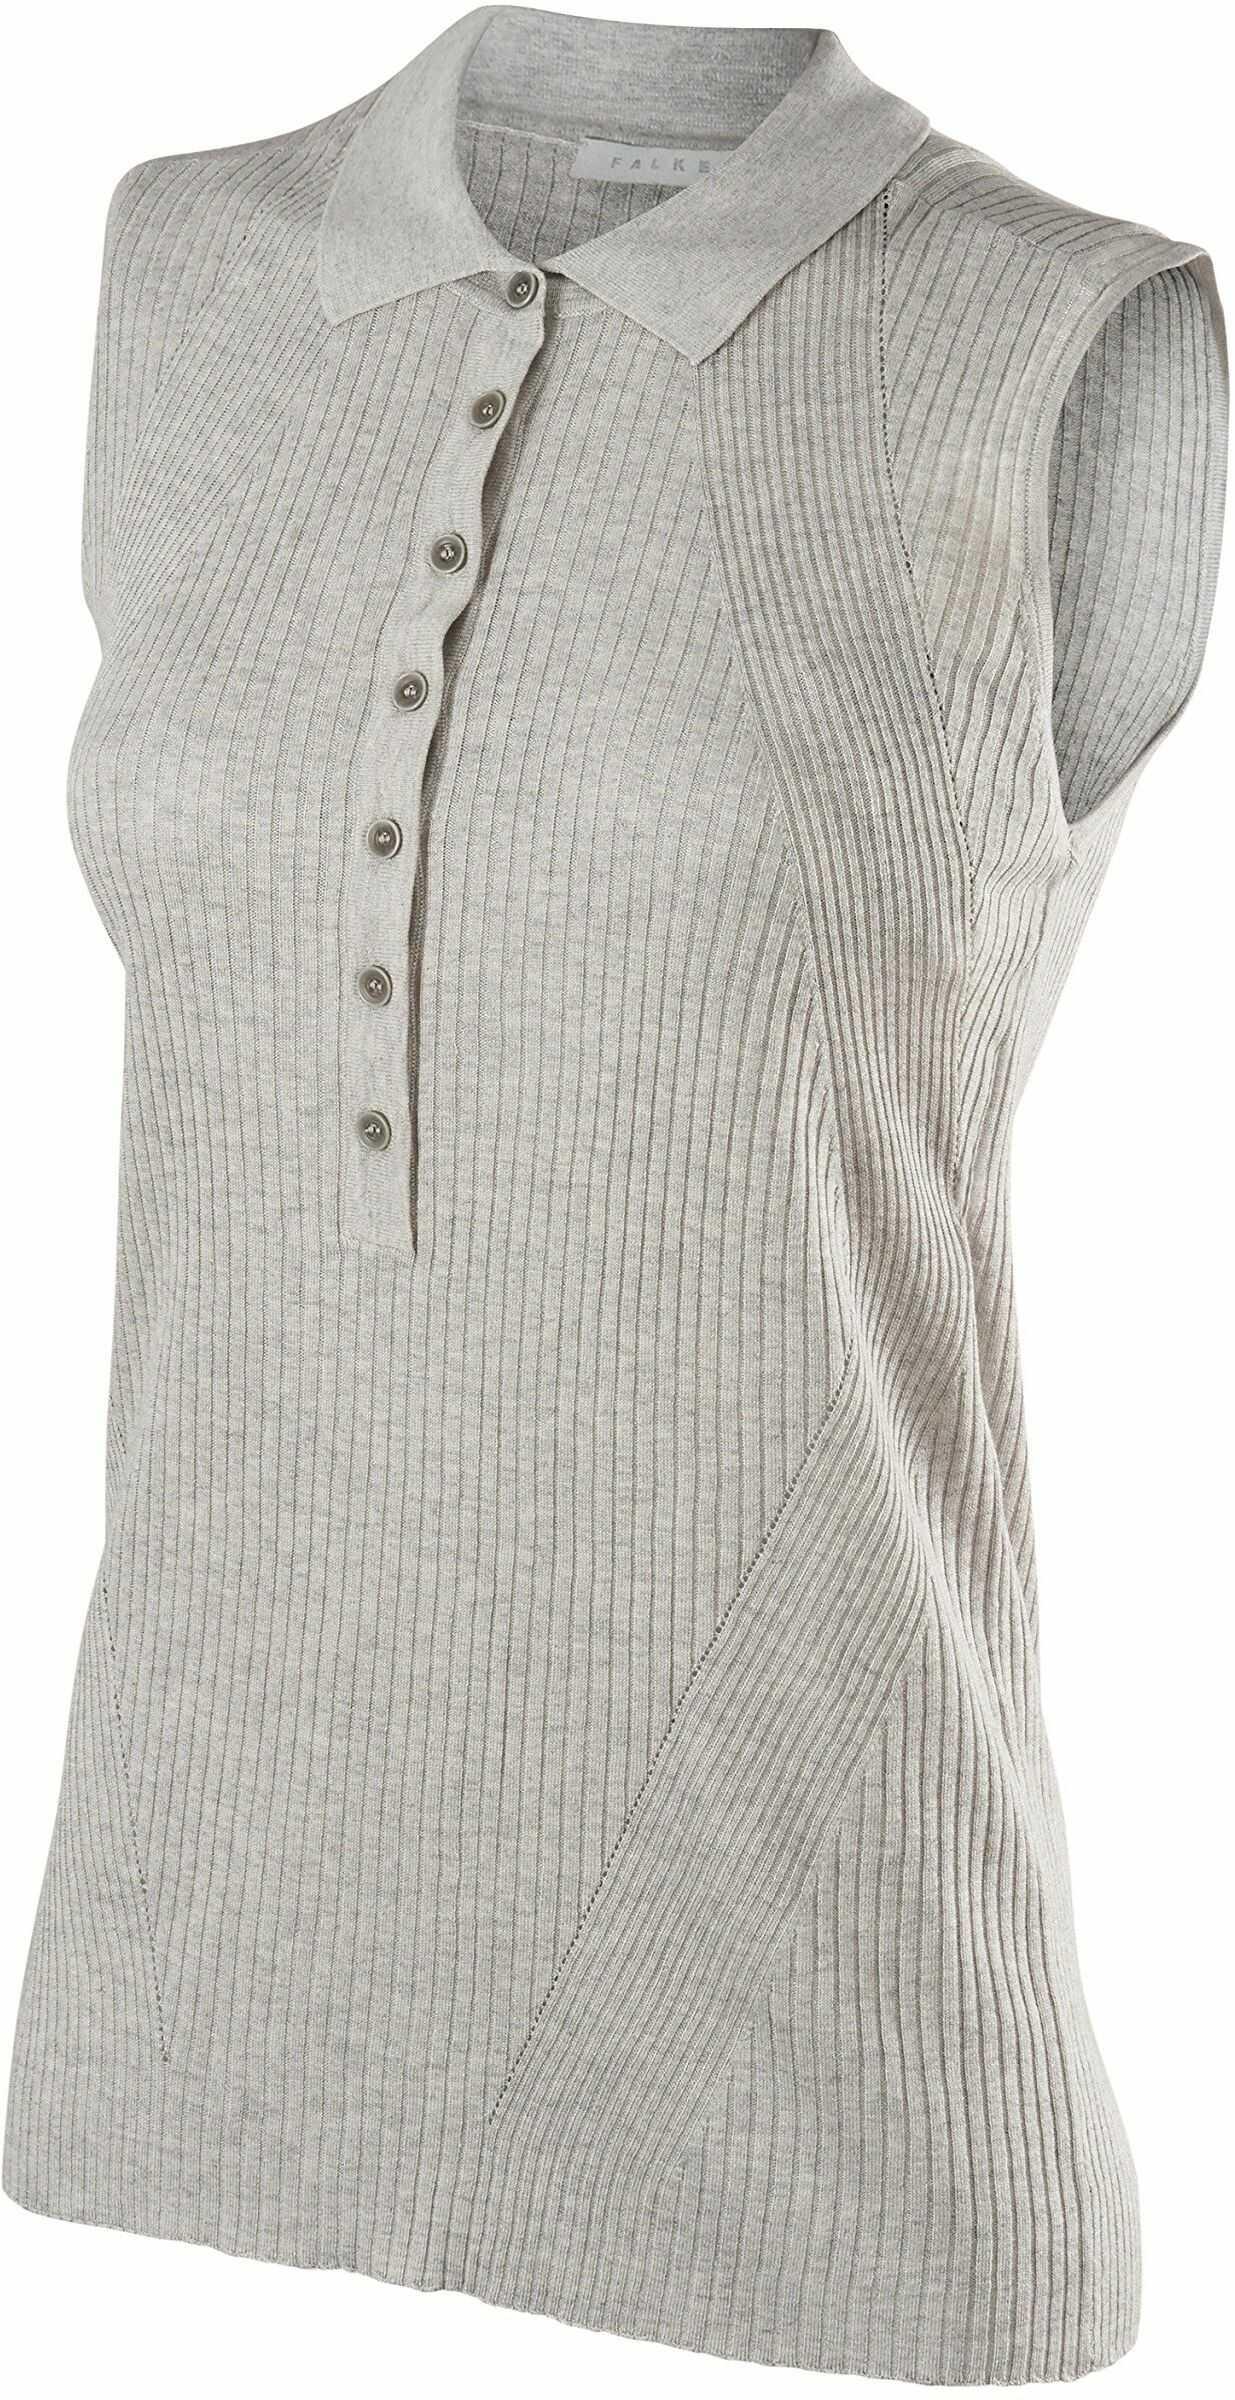 FALKE Imperia, damska koszulka polo z jedwabiu/lnu, 1 sztuka, szary (Light Grey Melange 3845), rozmiar: M